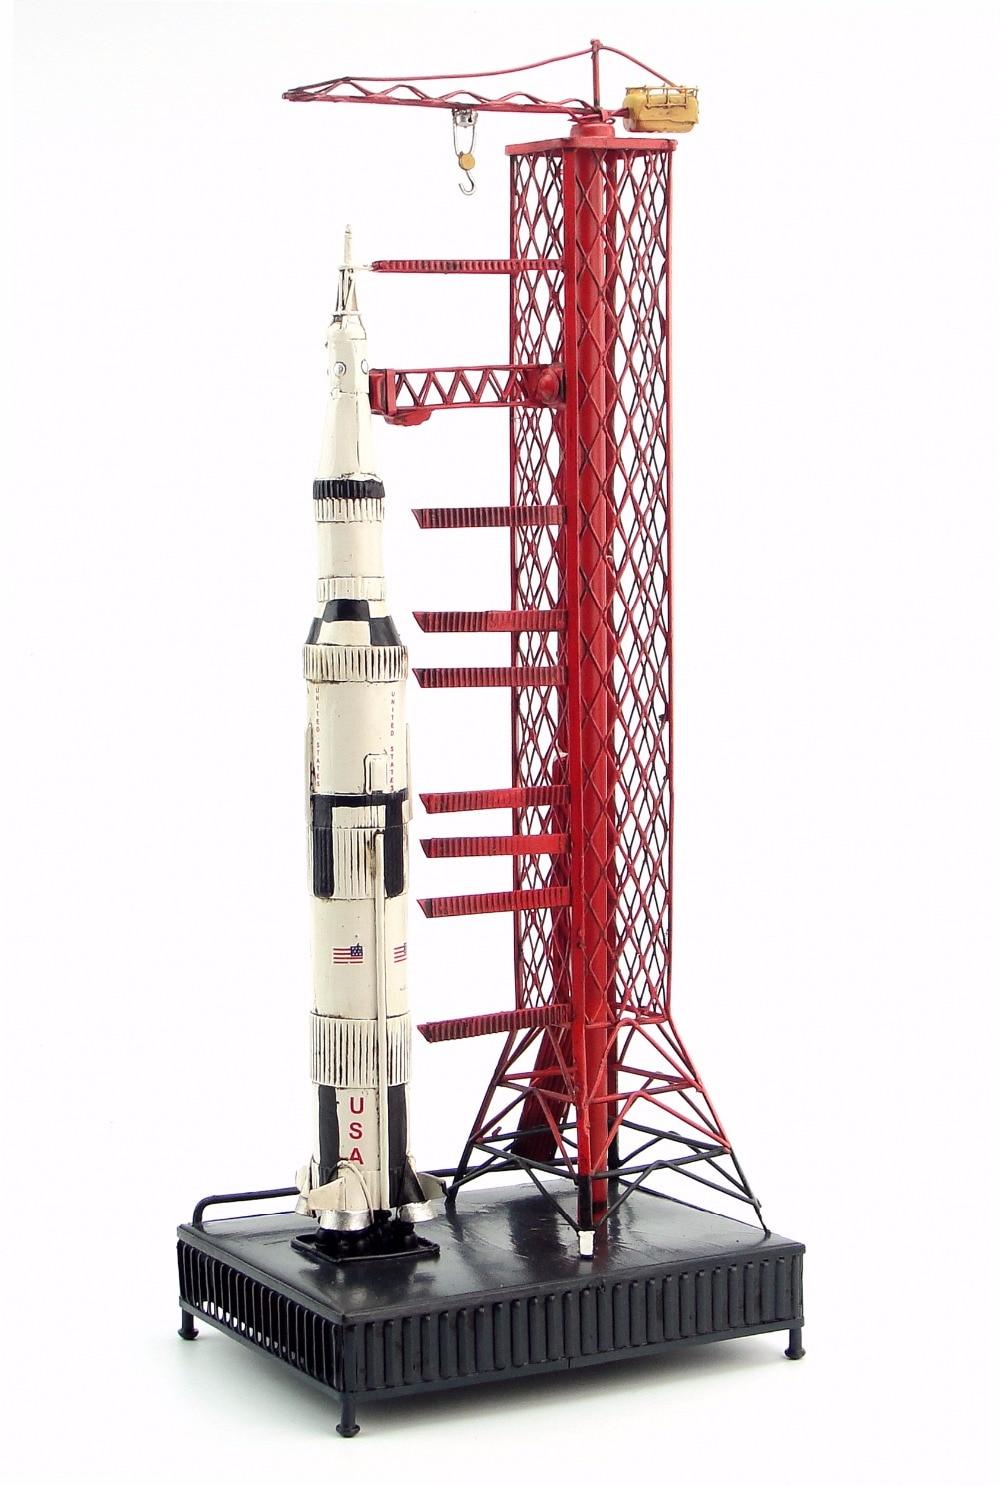 NASA Appollo pläne Saturn fünf rakete retro klassische schmieden metal crafts home/bar/Cafe dekoriert geburtstagsgeschenk